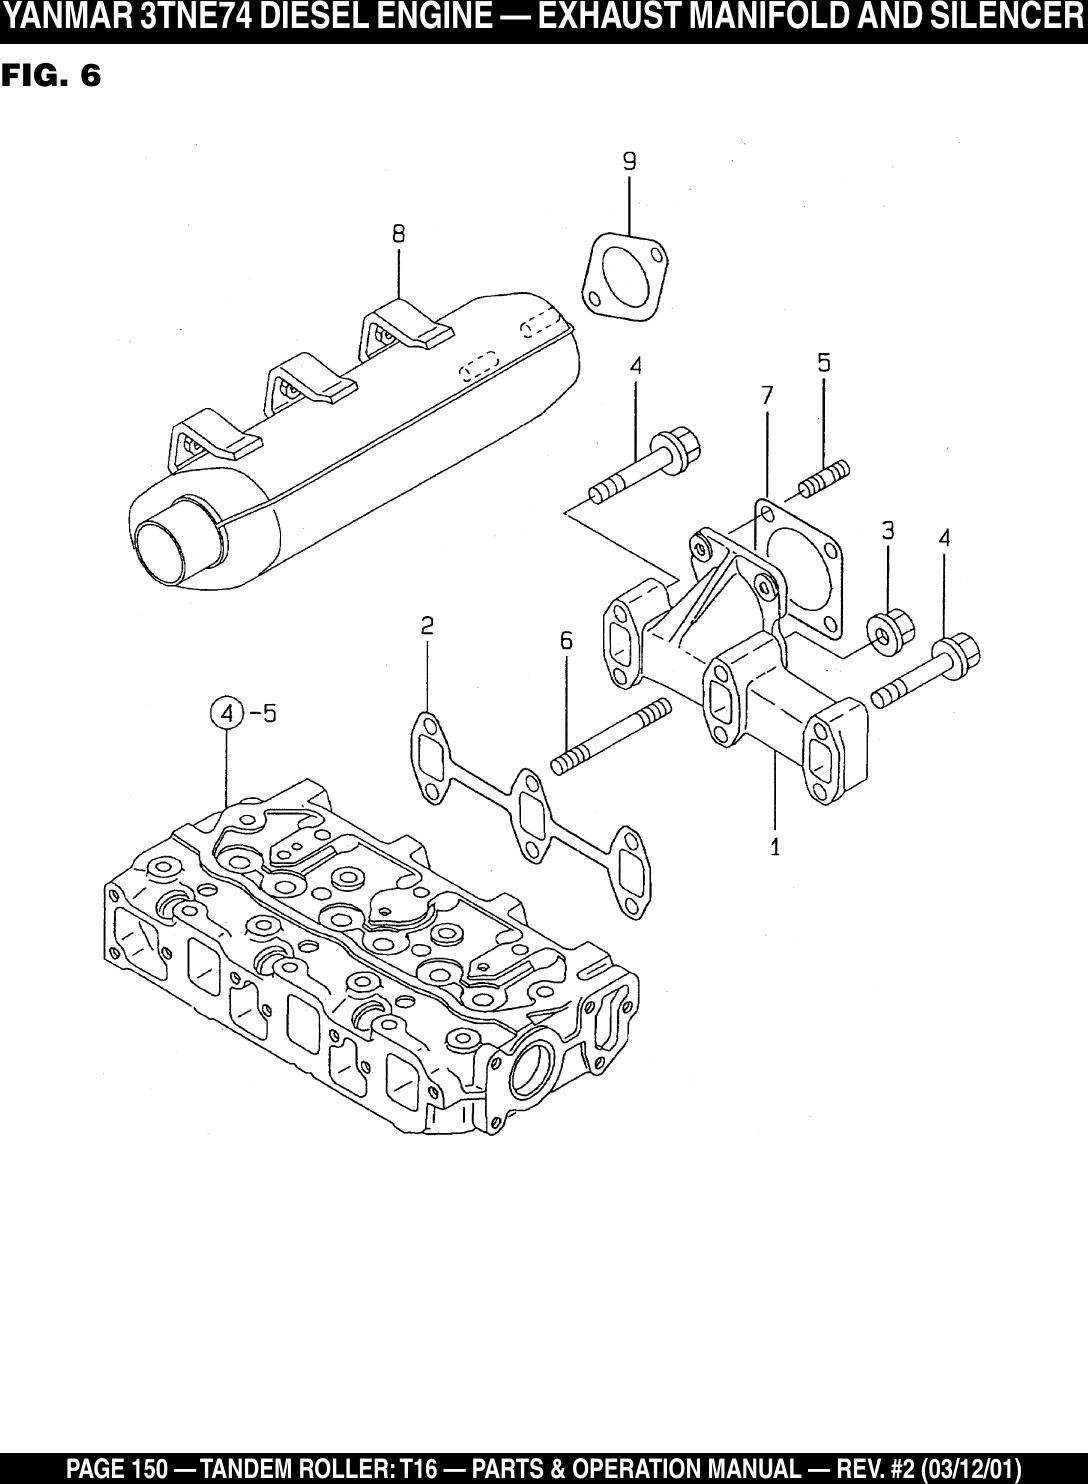 Multiquip T16 Users Manual (Rev 2) p65